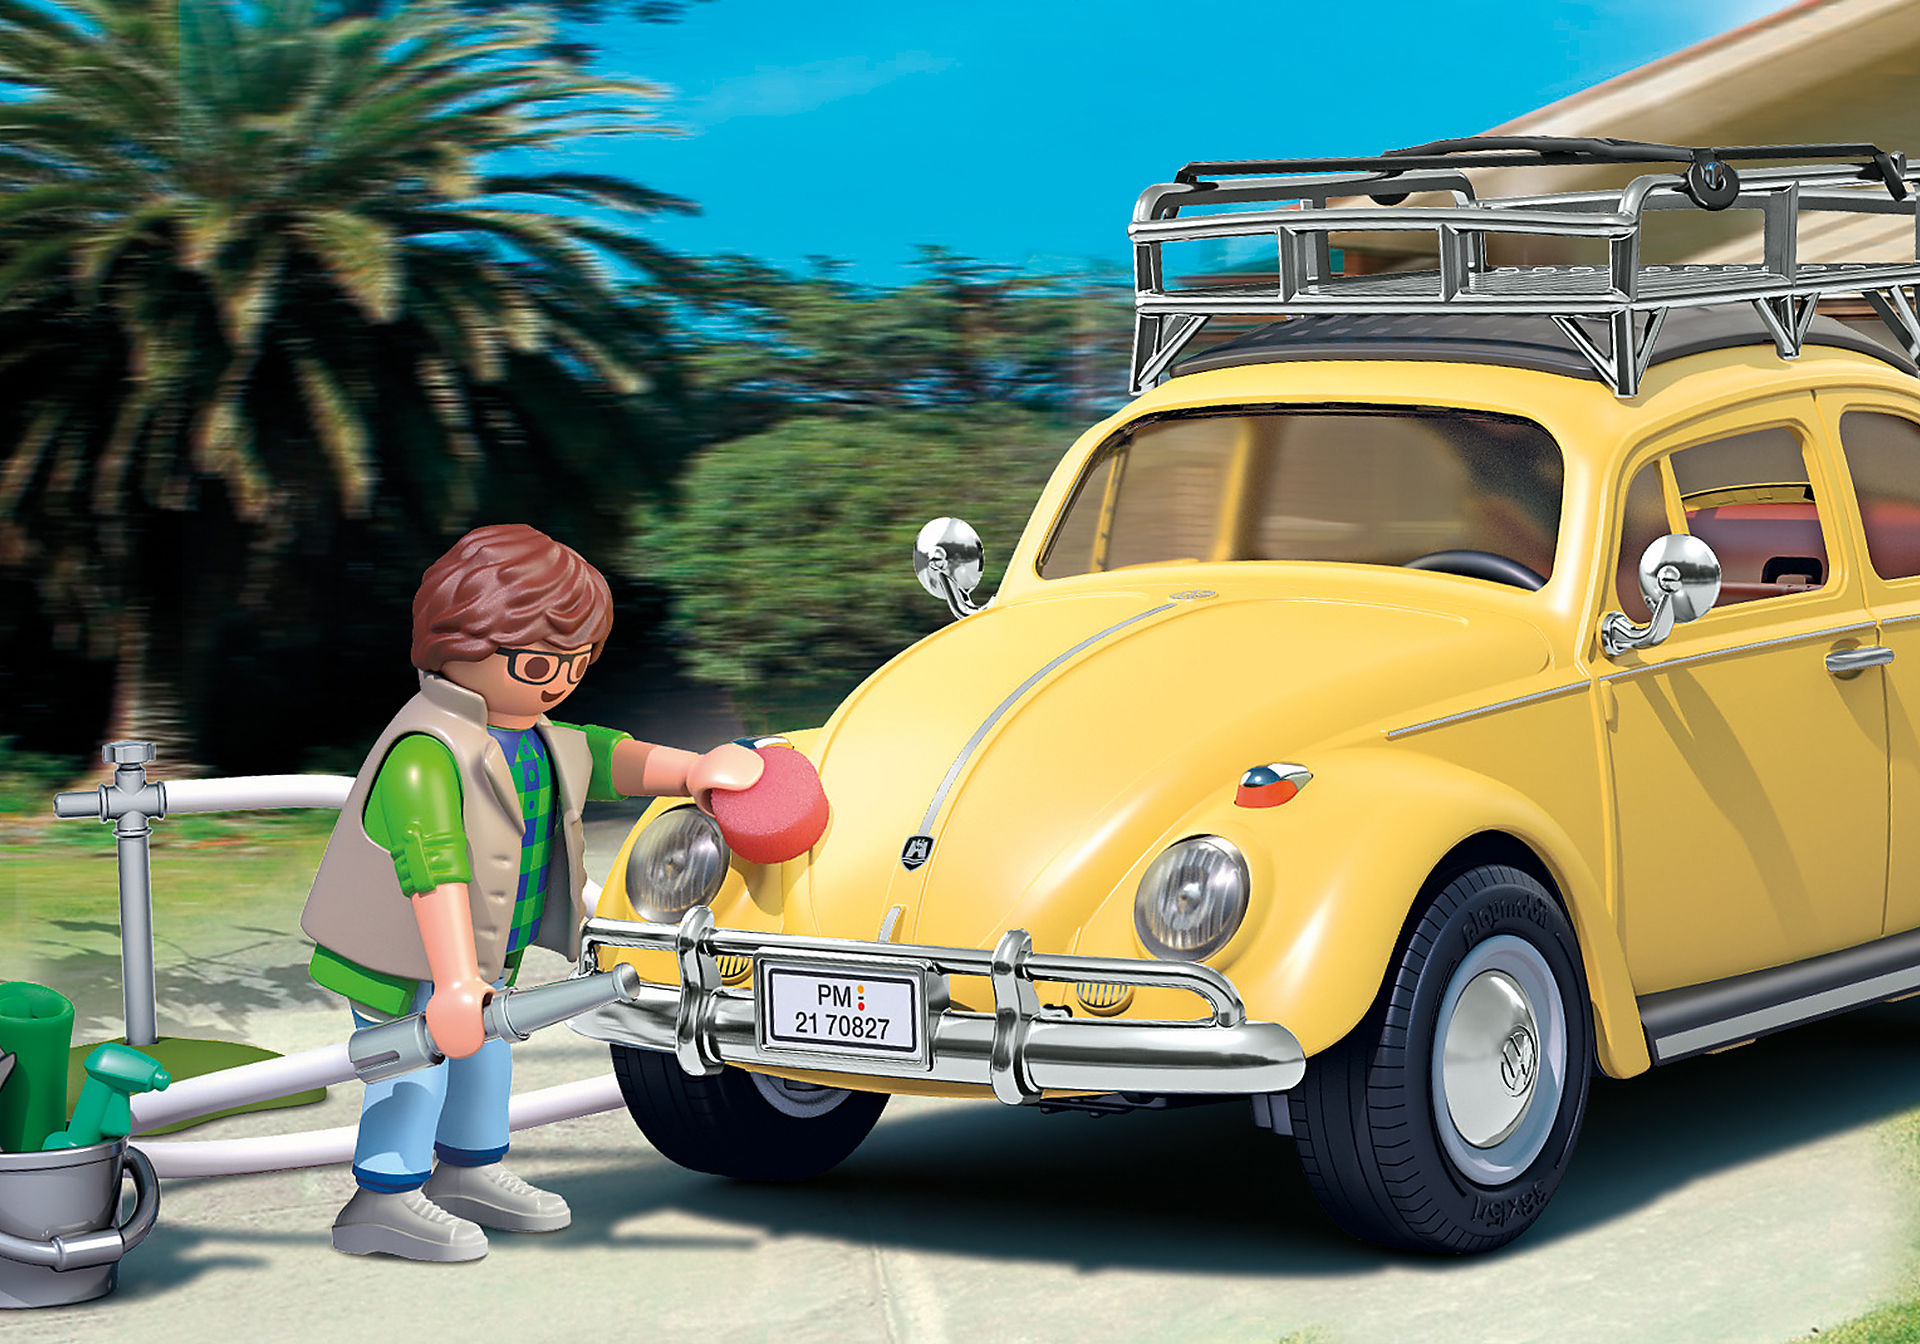 70827 Volkswagen Beetle - Special Edition zoom image8